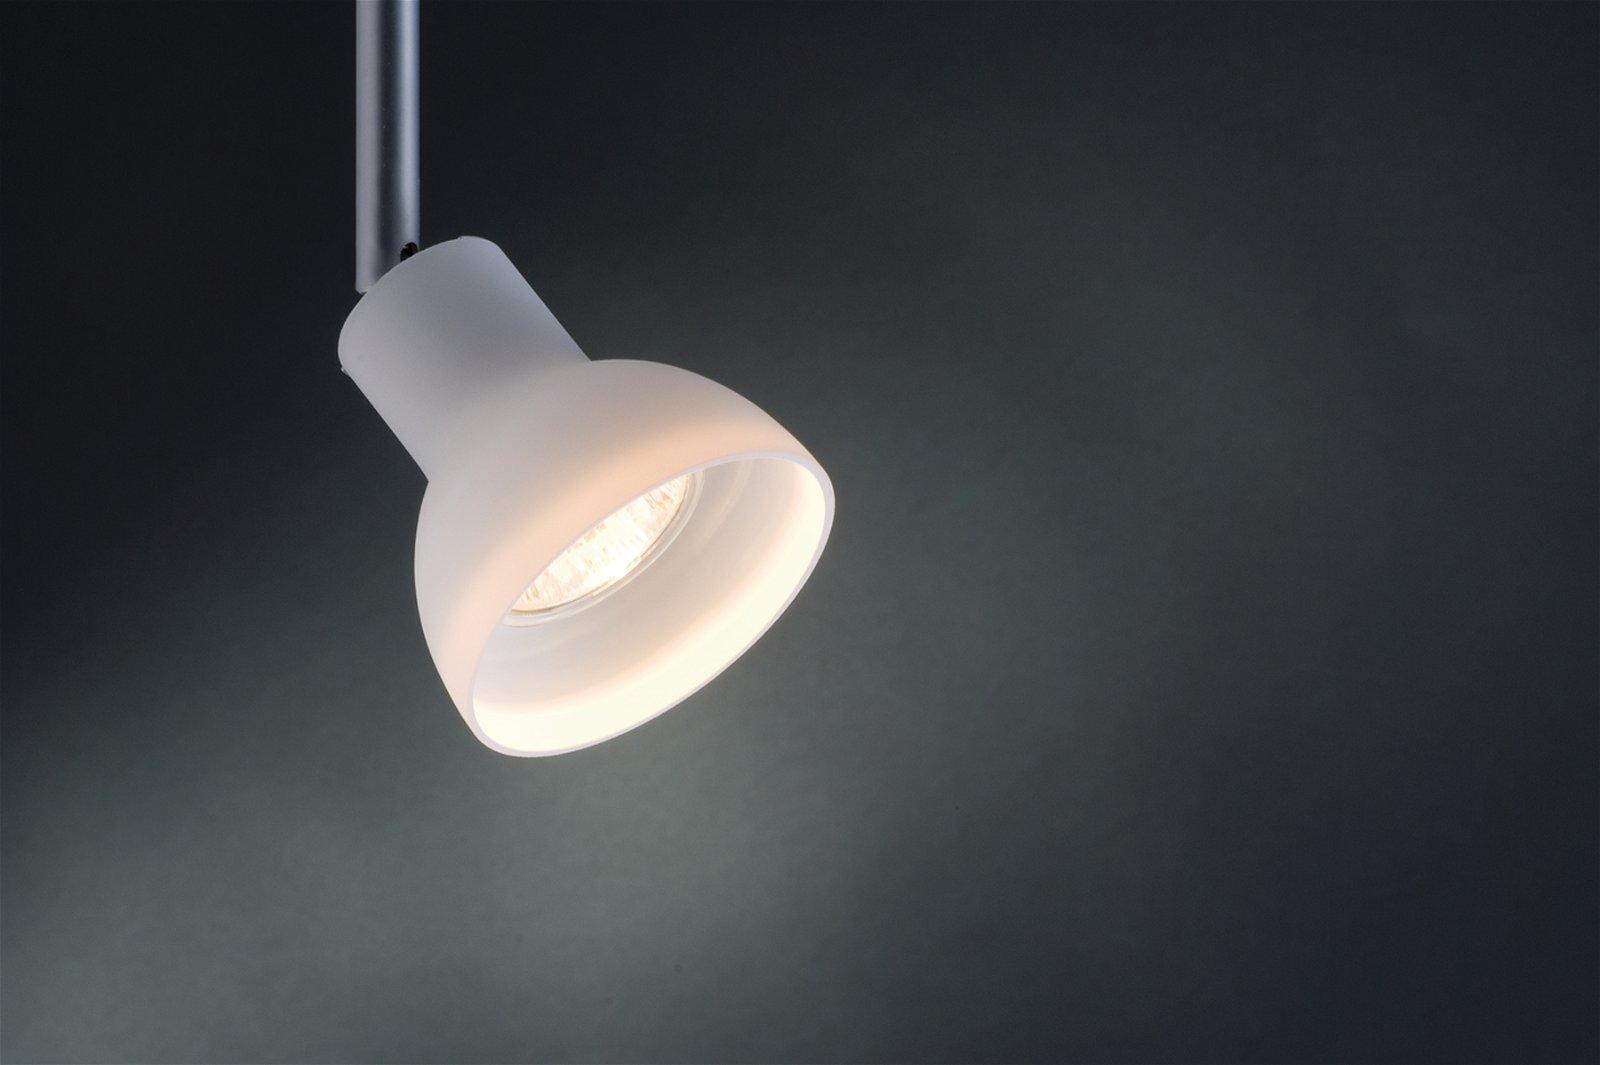 Laagvolt halogeen reflectorlamp Juwel 20 watt GU5,3 12 V